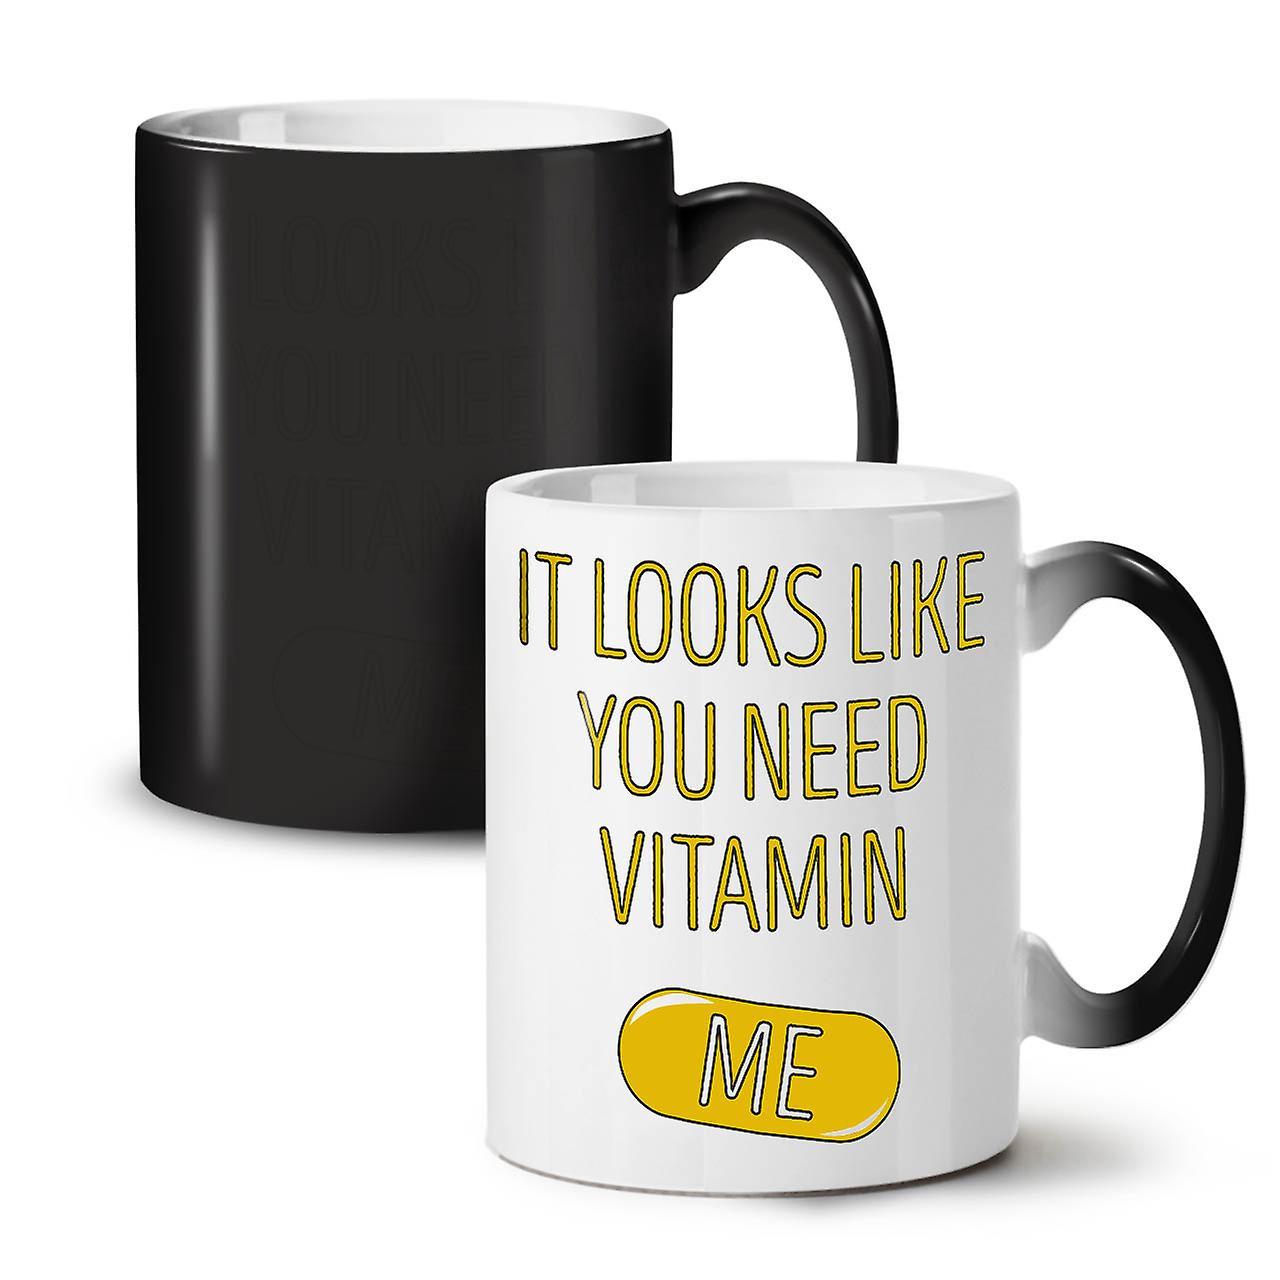 OzWellcoda Me Nouvelle Café Thé Vitamine Couleur Noire Changeant 11 Tasse Joke Obtenez Céramique mOv0nwN8